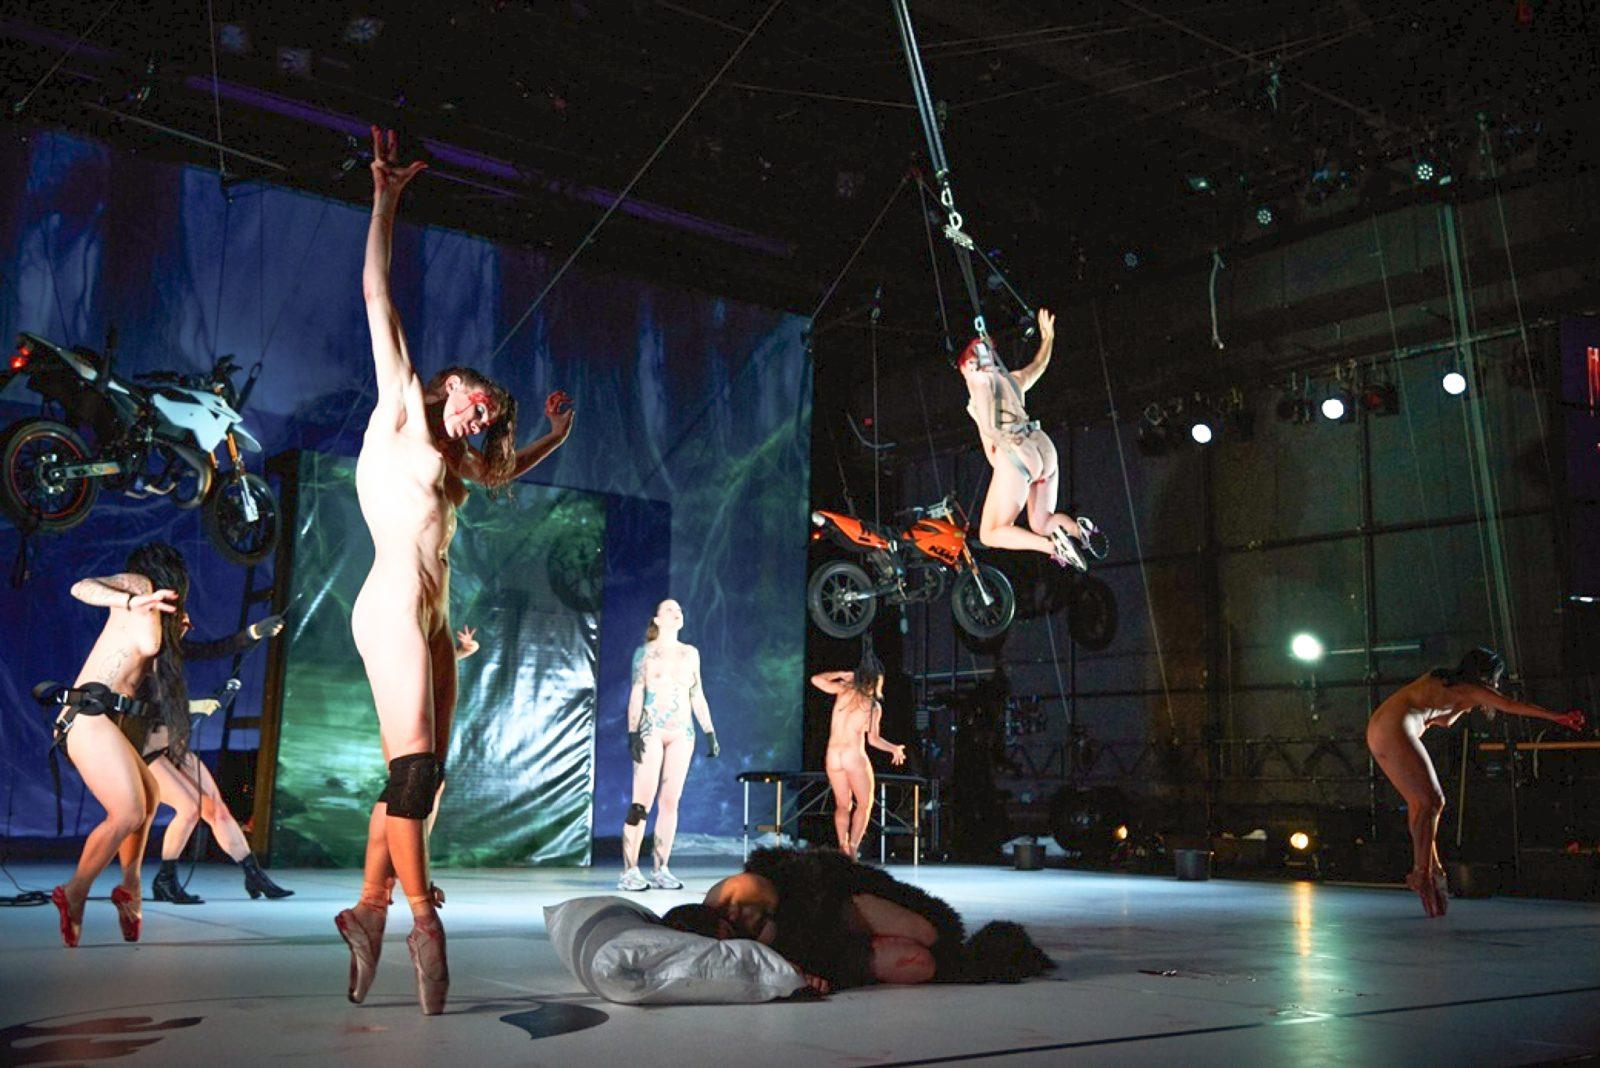 """Frauentag in Berlin: das Stück """"Tanz"""" von Florentina Holzinger ist eine der Veranstaltungen, die am Frauentag in Berlin stattfinden."""